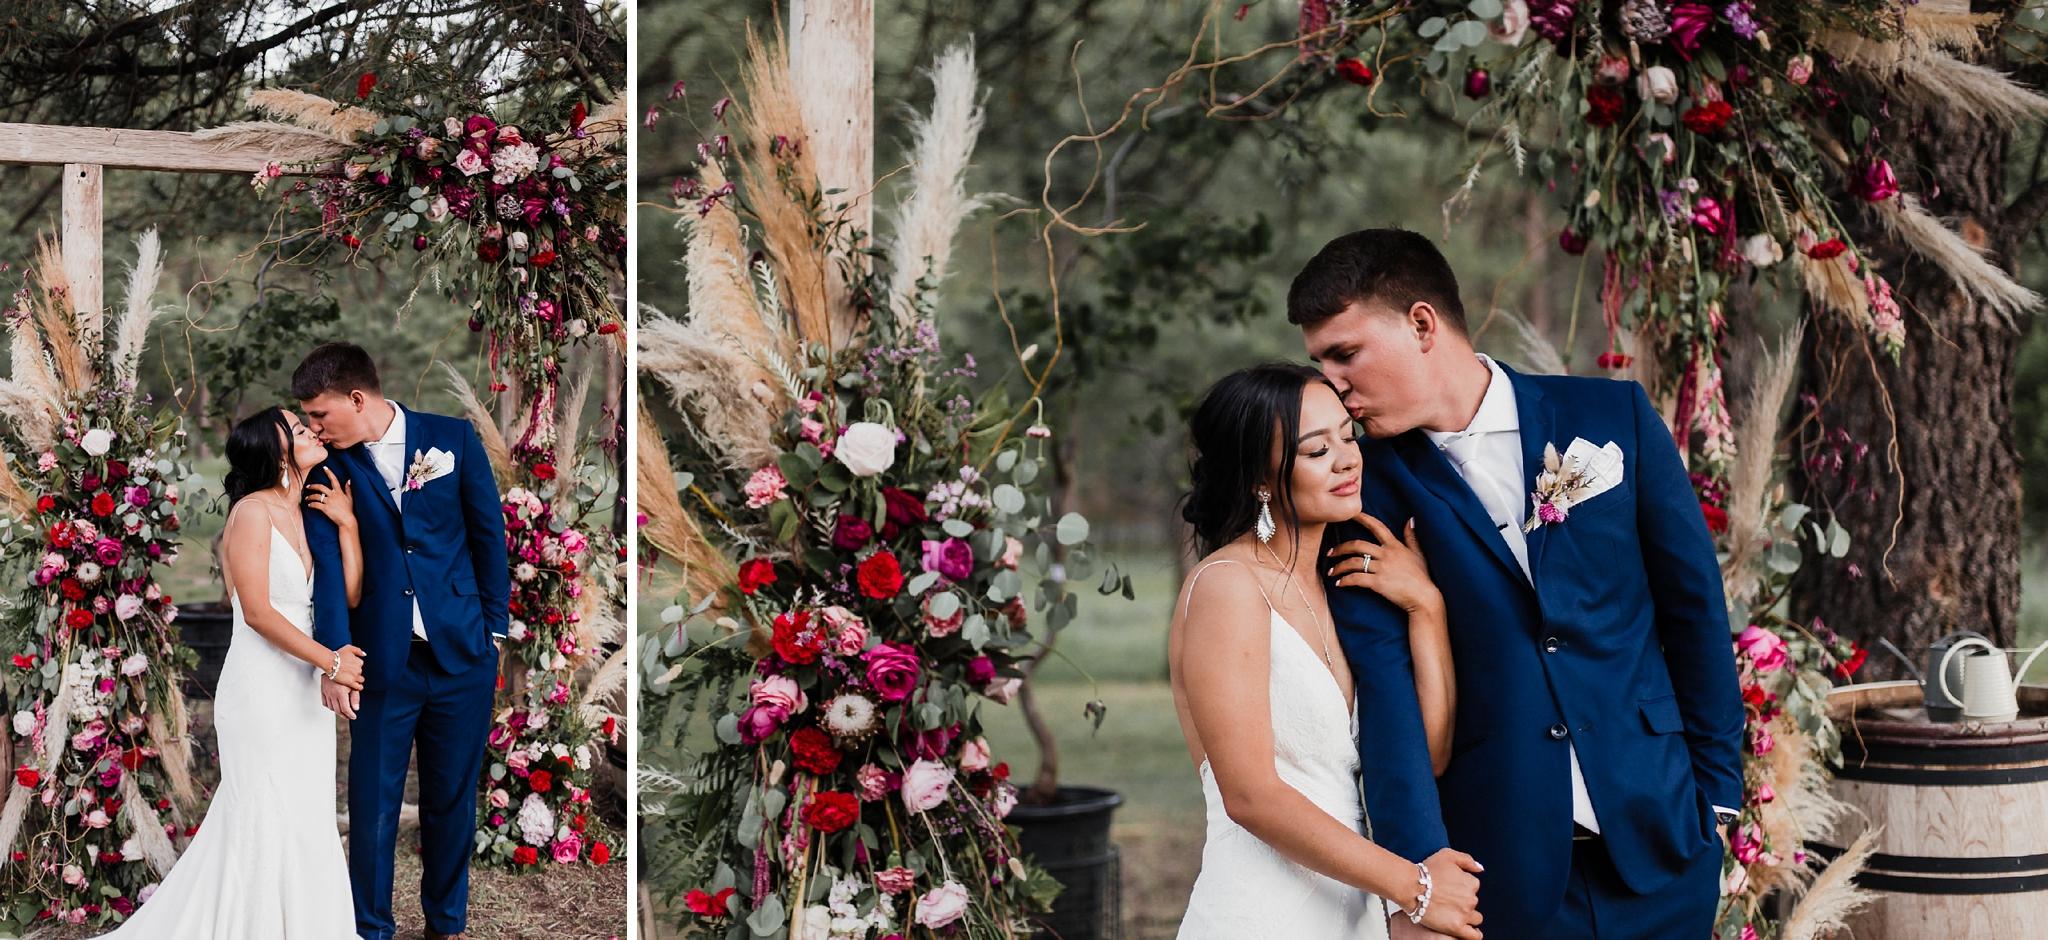 Alicia+lucia+photography+-+albuquerque+wedding+photographer+-+santa+fe+wedding+photography+-+new+mexico+wedding+photographer+-+new+mexico+wedding+-+new+mexico+wedding+-+barn+wedding+-+enchanted+vine+barn+wedding+-+ruidoso+wedding_0153.jpg